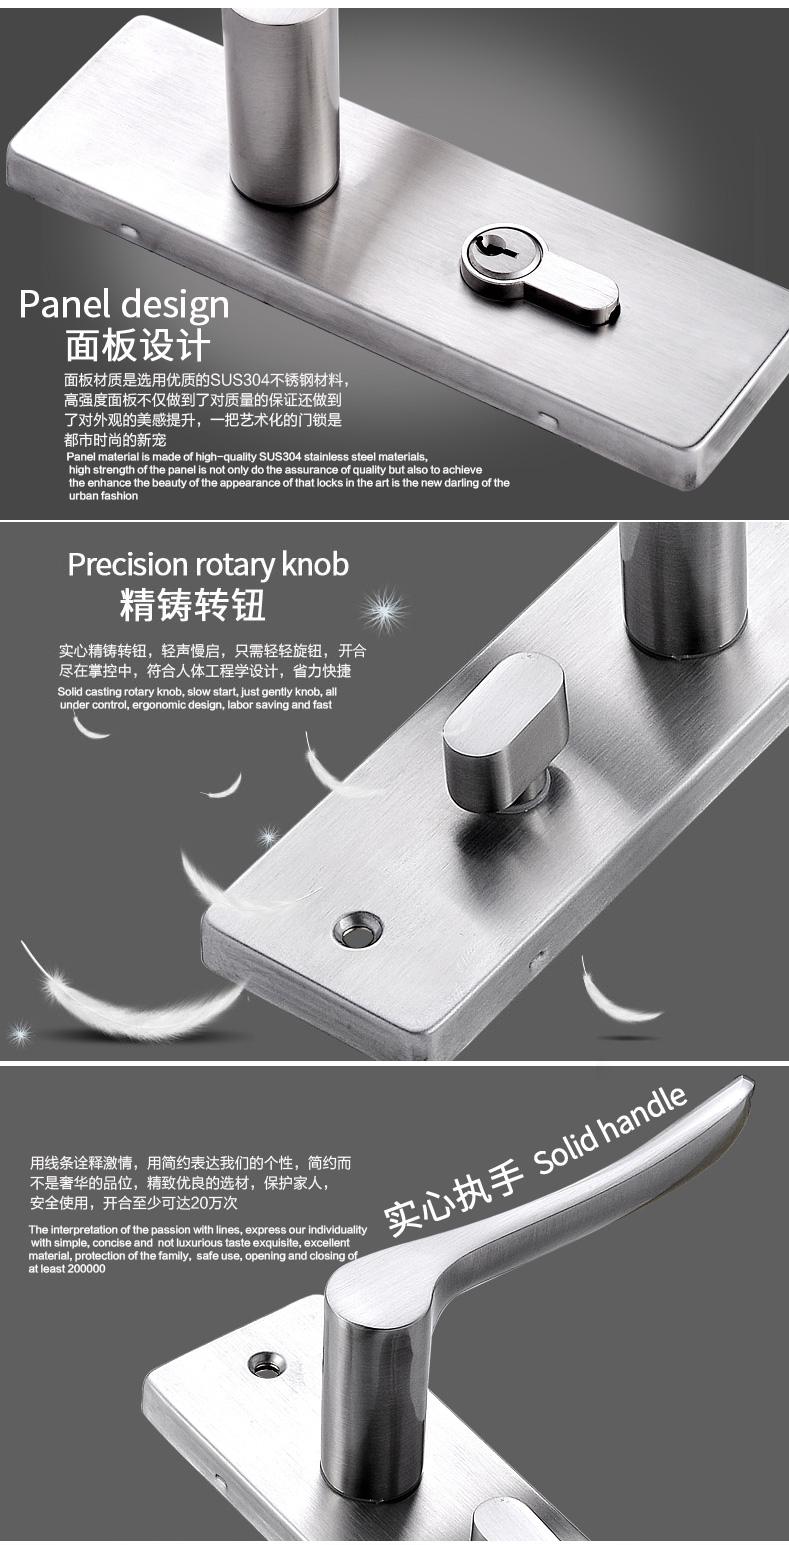 名门正品-室内拉丝不锈钢执手锁AJ1107A_03.jpg